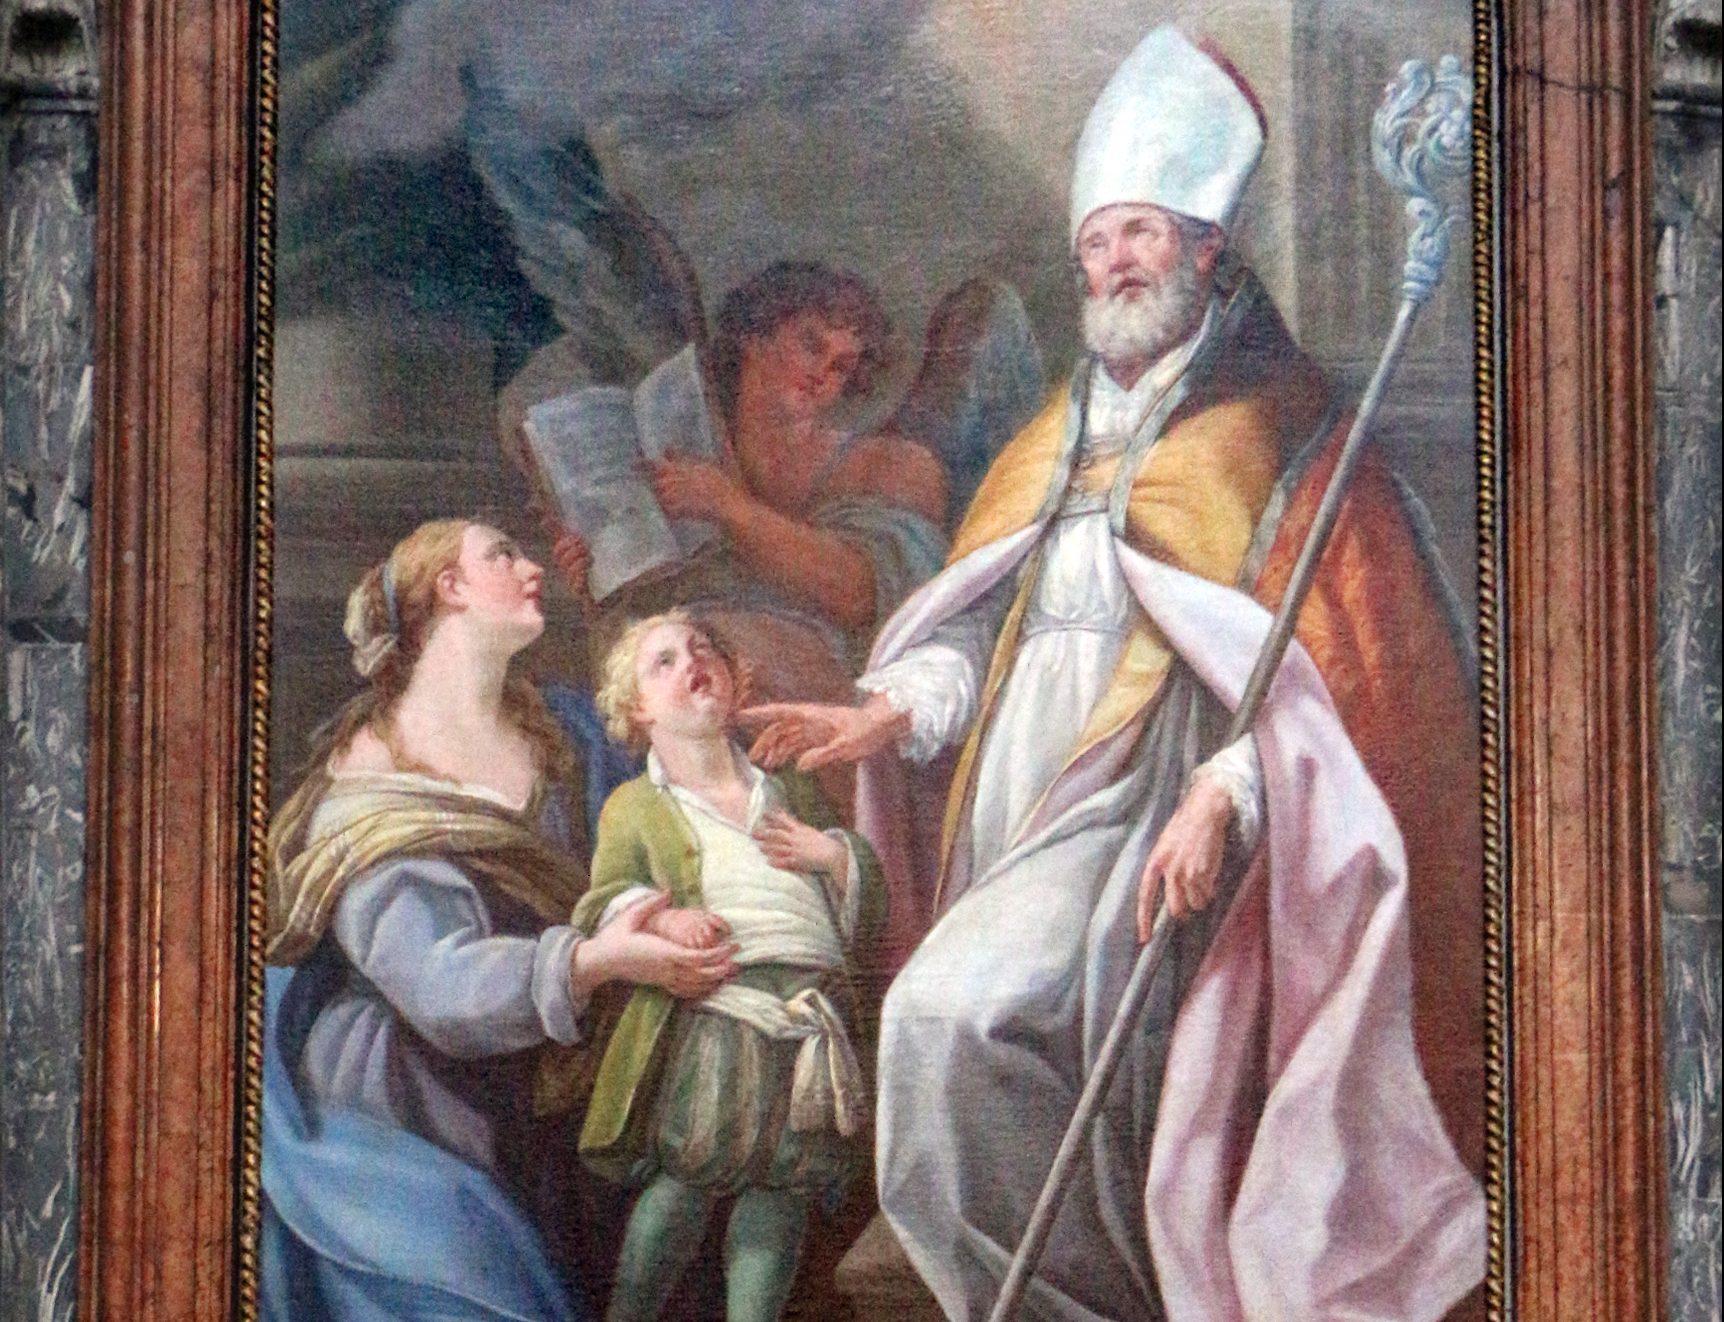 San Biagio salva il figlio della vedova. Miracolo